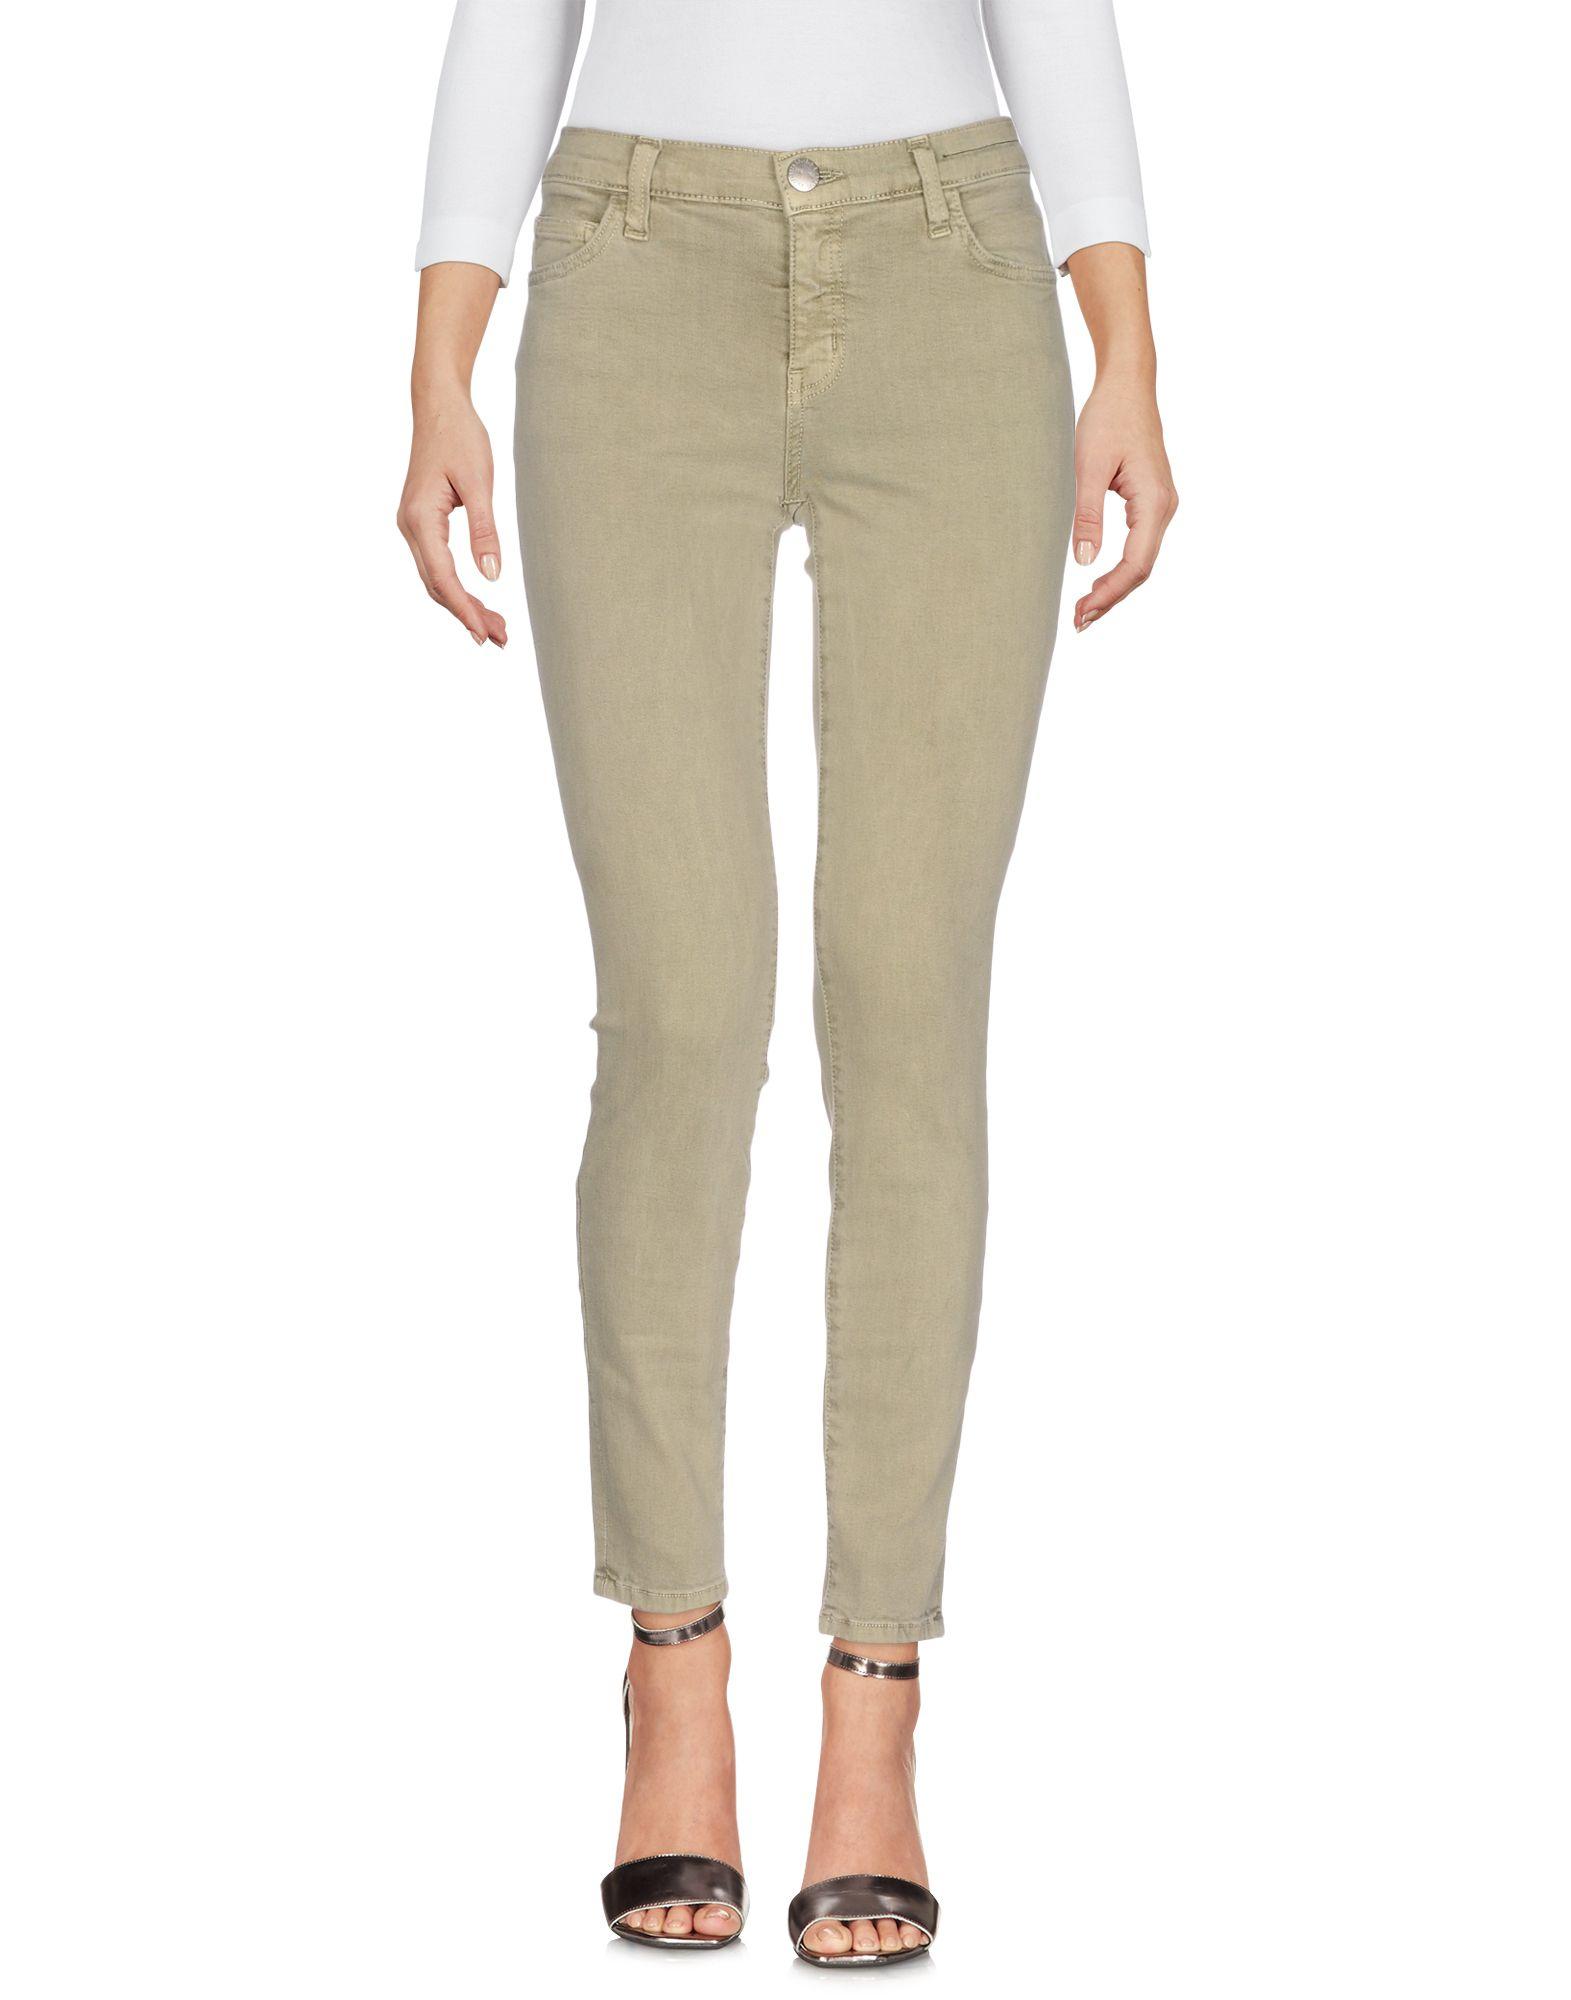 CURRENT/ELLIOTT Джинсовые брюки current elliott ������������������ ����������